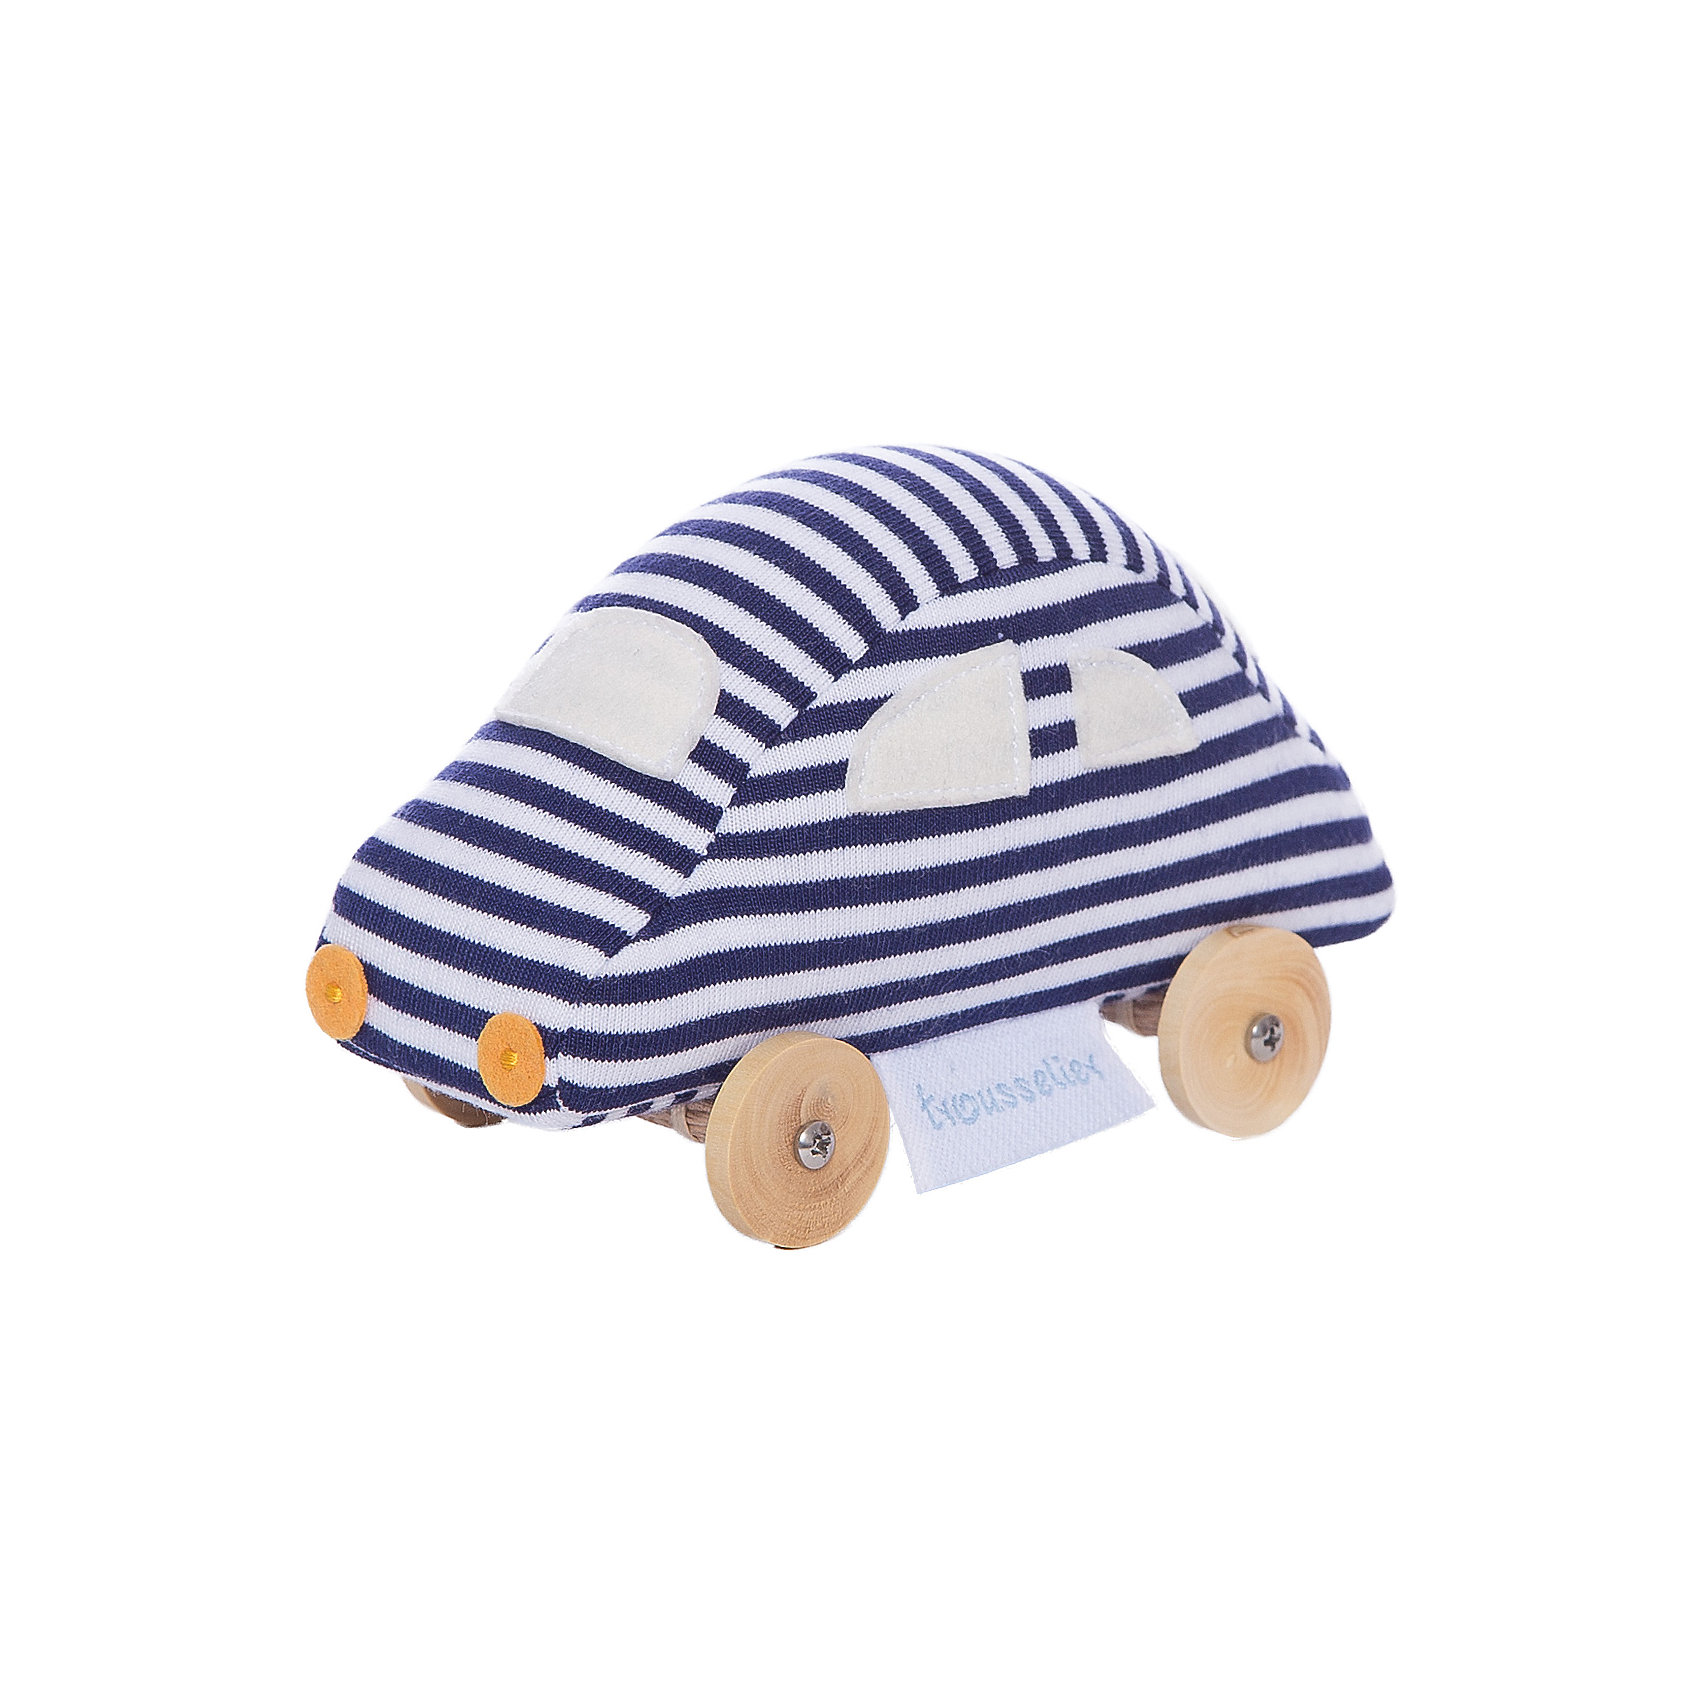 Мягкая игрушка Машинка на колесиках, 13см&#13;, TrousselierМягкие игрушки<br>Мягкая игрушка Машинка на колесиках, 13см, Trousselier (Трусельер).<br><br>Характеристики:<br><br>- Длина: 13см.<br>- Материал: дерево, хлопок<br>- Уход: ручная стирка<br><br>Игрушка-каталка, выполненная в виде забавной машины, непременно, привлечет к себе внимание ребенка. Игрушка изготовлена из мягкого гипоаллергенного материала, колесики из натурального дерева и абсолютно безопасна для детей. Оригинальная форма и яркие цвета стимулируют развитие малыша. В процессе игры у ребенка развивается моторика, координация движений, цветовое восприятие, а также тактильные ощущения. Французский бренд Trousselier (Трусельер) вот уже более 40 лет создает уникальные коллекции детских игрушек. Вся продукция изготавливается из натуральных материалов с соблюдением высоких европейских стандартов качества.<br><br>Мягкую игрушку Машинка на колесиках, 13см, Trousselier (Трусельер) можно купить в нашем интернет-магазине.<br><br>Ширина мм: 155<br>Глубина мм: 155<br>Высота мм: 70<br>Вес г: 100<br>Возраст от месяцев: -2147483648<br>Возраст до месяцев: 2147483647<br>Пол: Унисекс<br>Возраст: Детский<br>SKU: 4964797